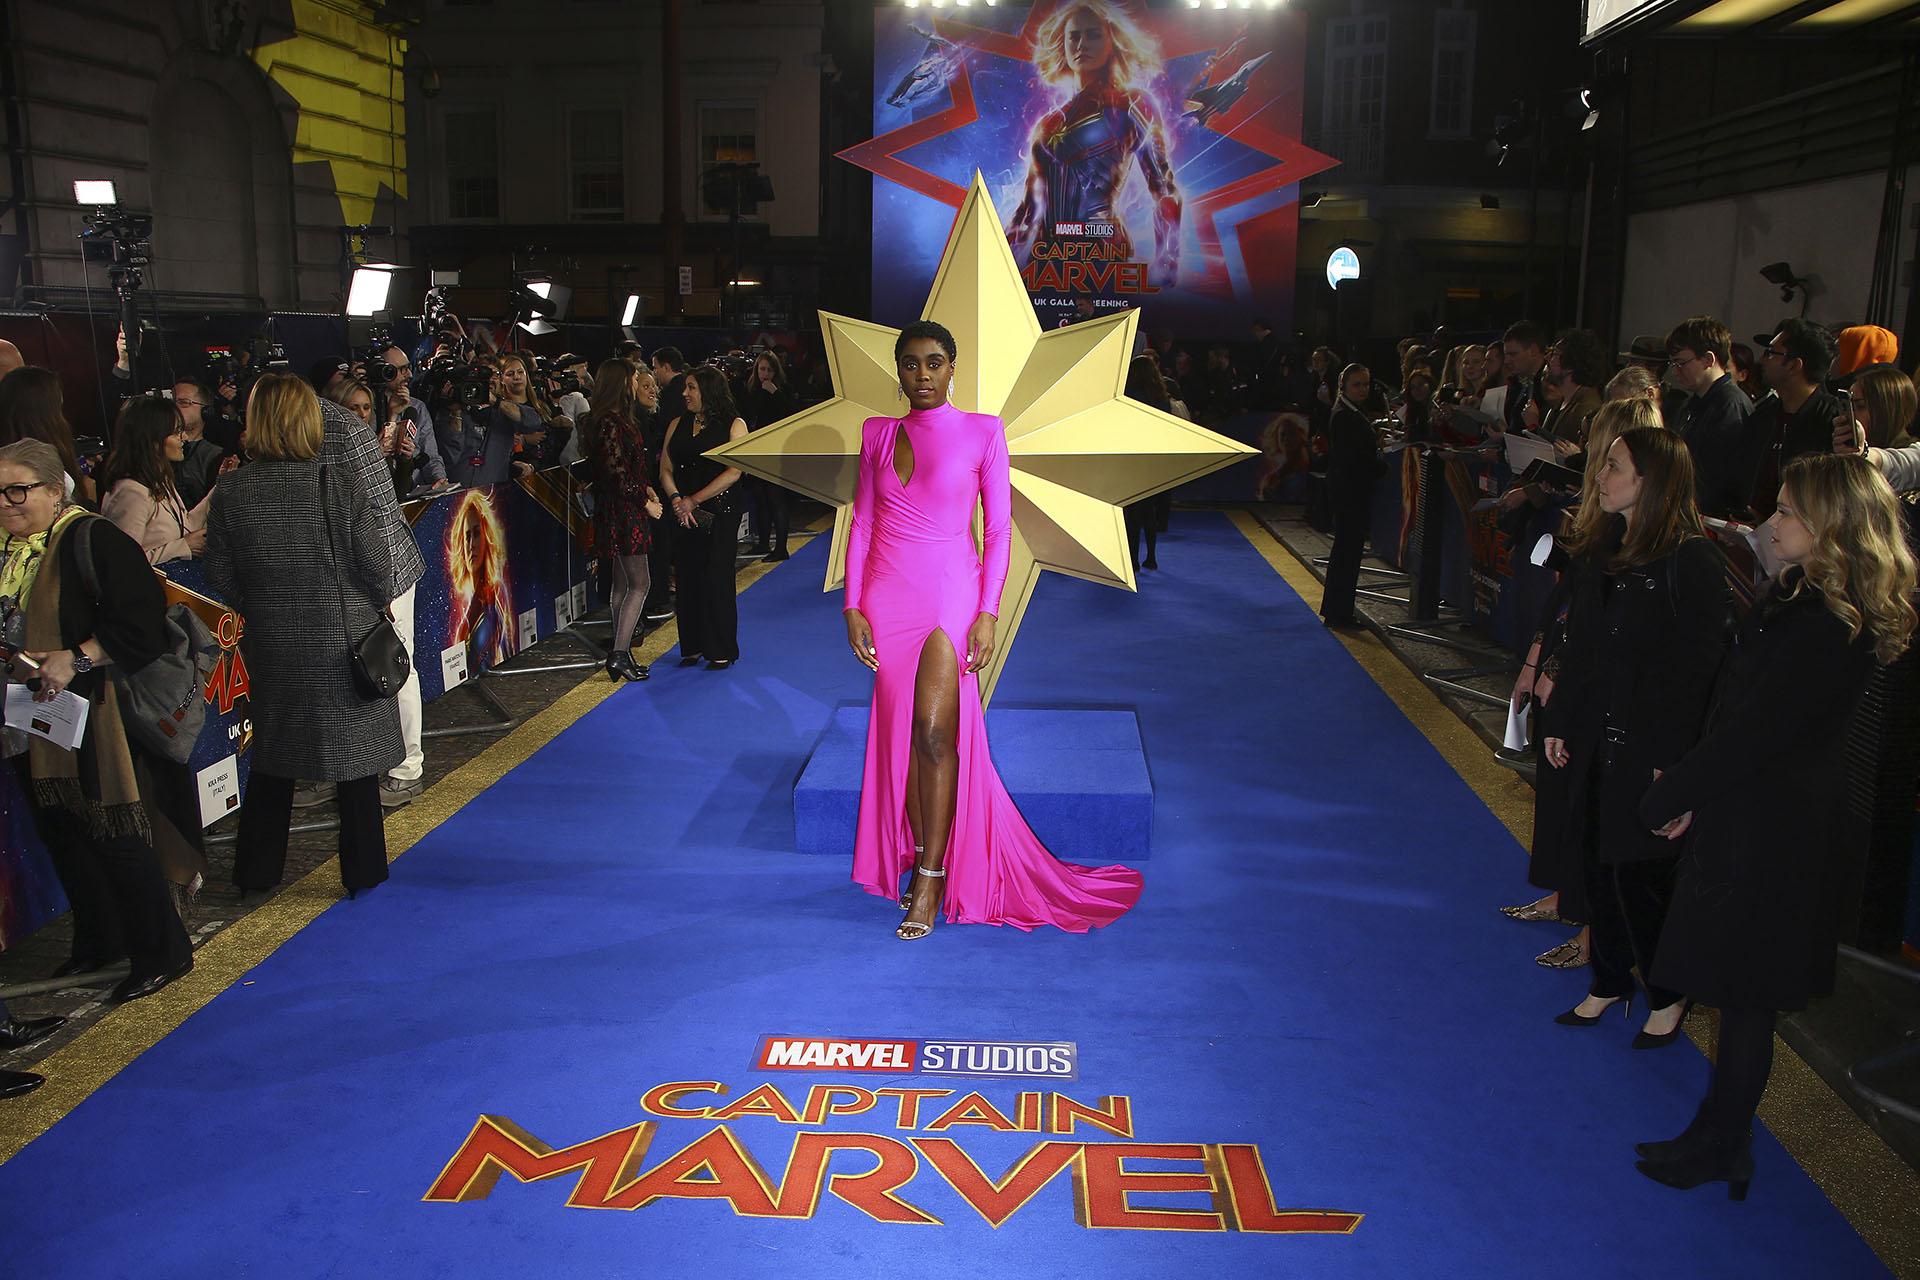 Lashana Lynch, la coprotagonistas del film Capital Marvel, brilló con la elección de estilo para la presentación en Londres. Un vestido de silueta al cuerpo con mangas largas y cortes asimétricos en color fucsia